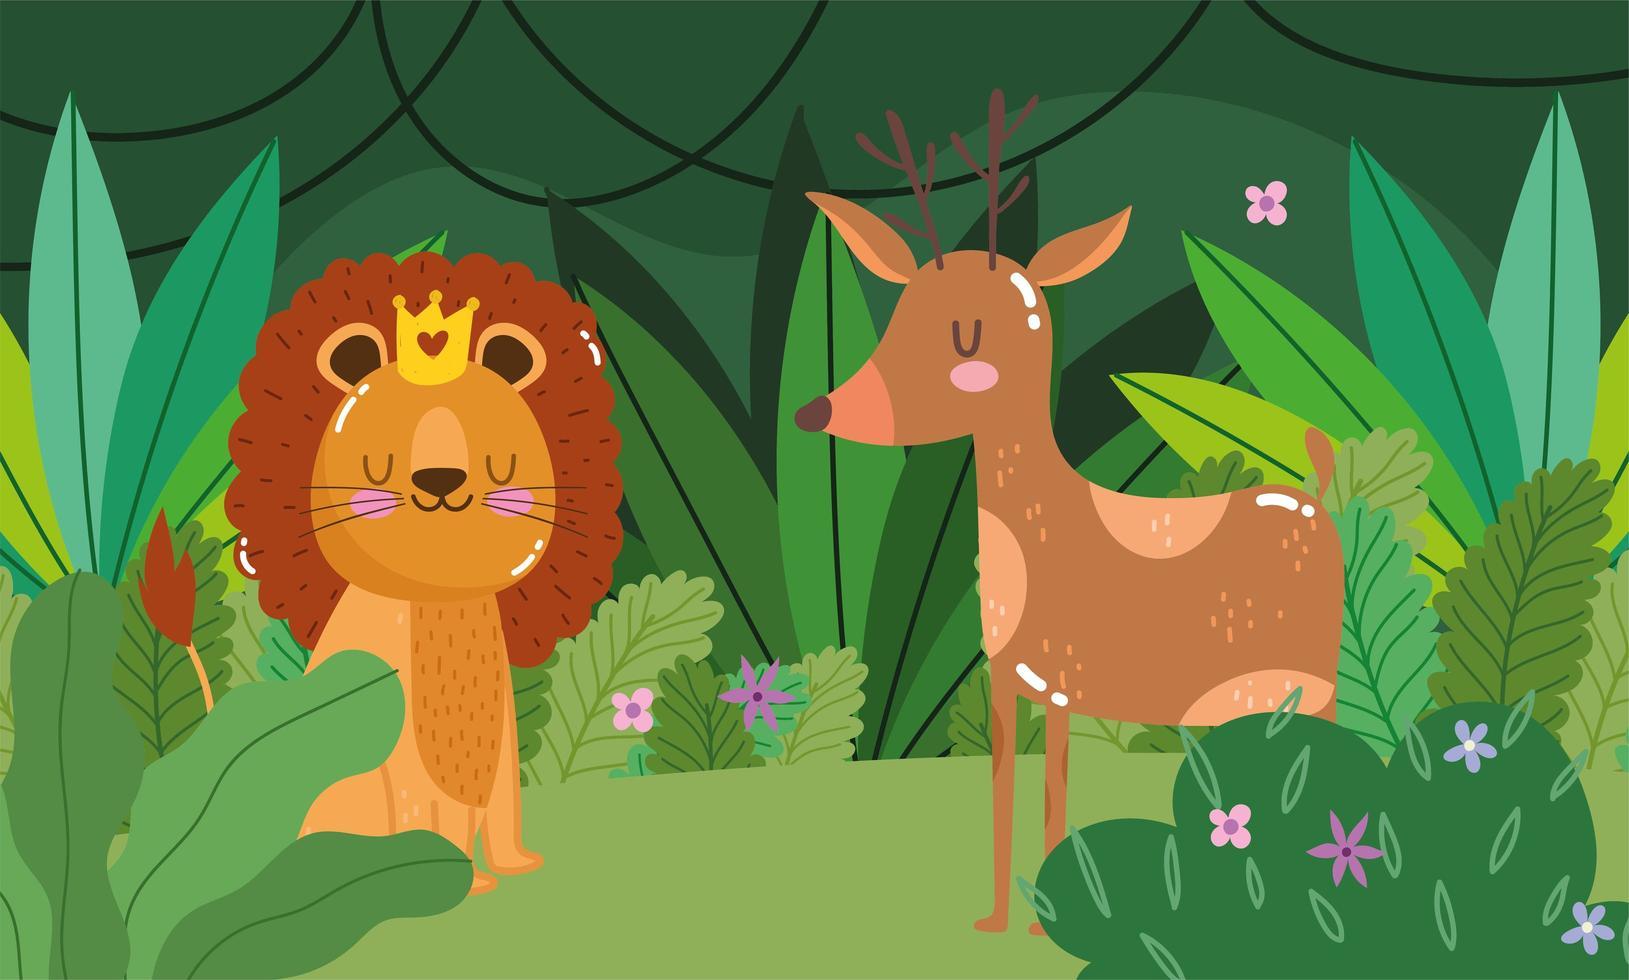 leone carino con cervi nella foresta vettore